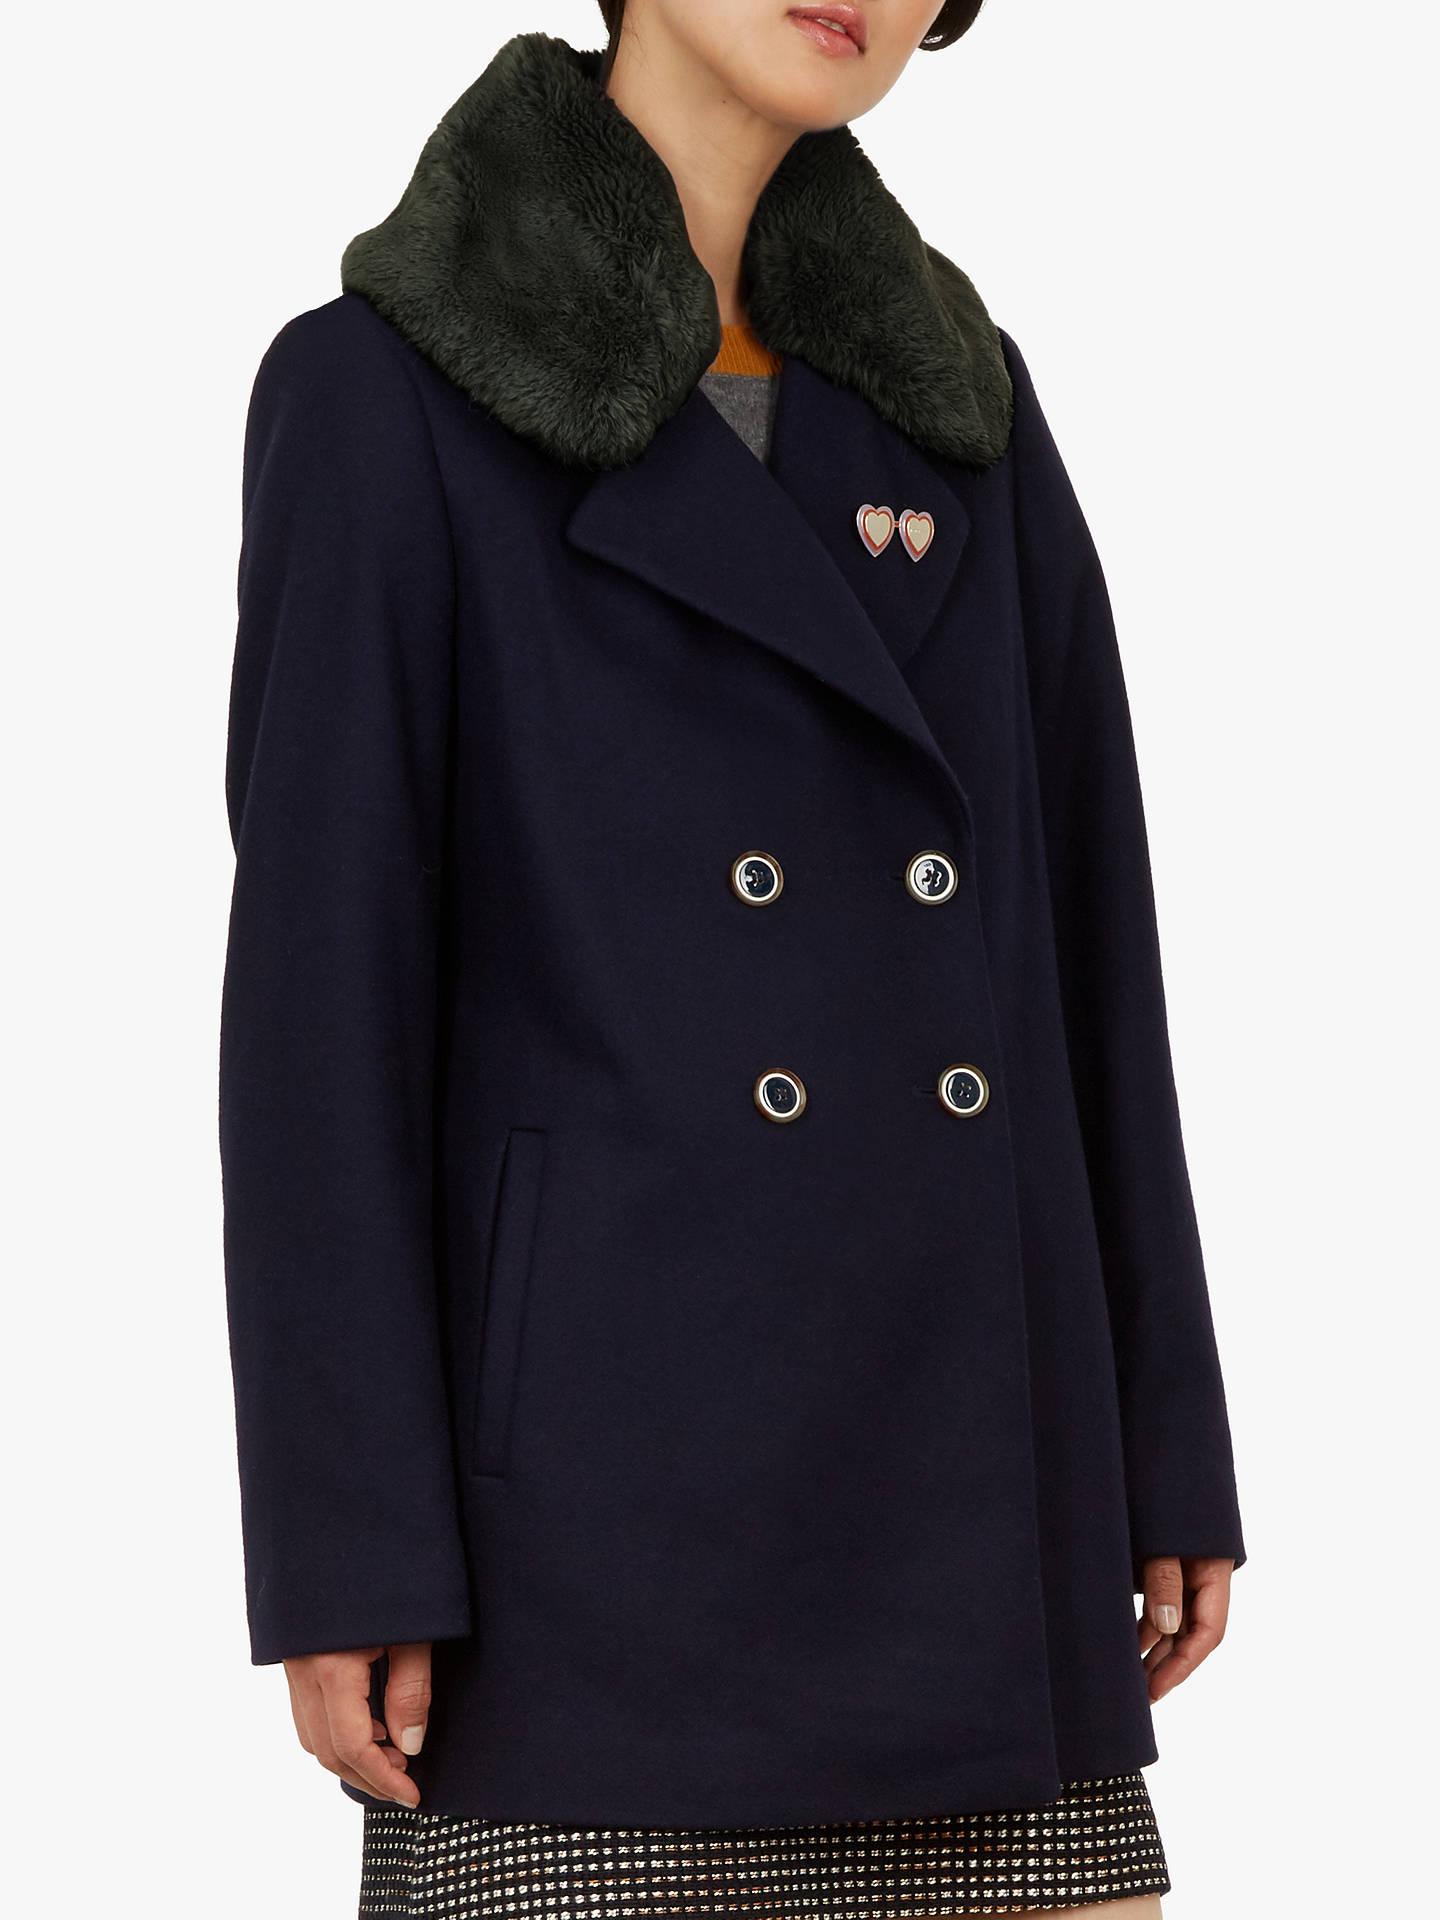 7934ba885 Buy Ted Baker Gaita Faux Fur Collar Pea Coat